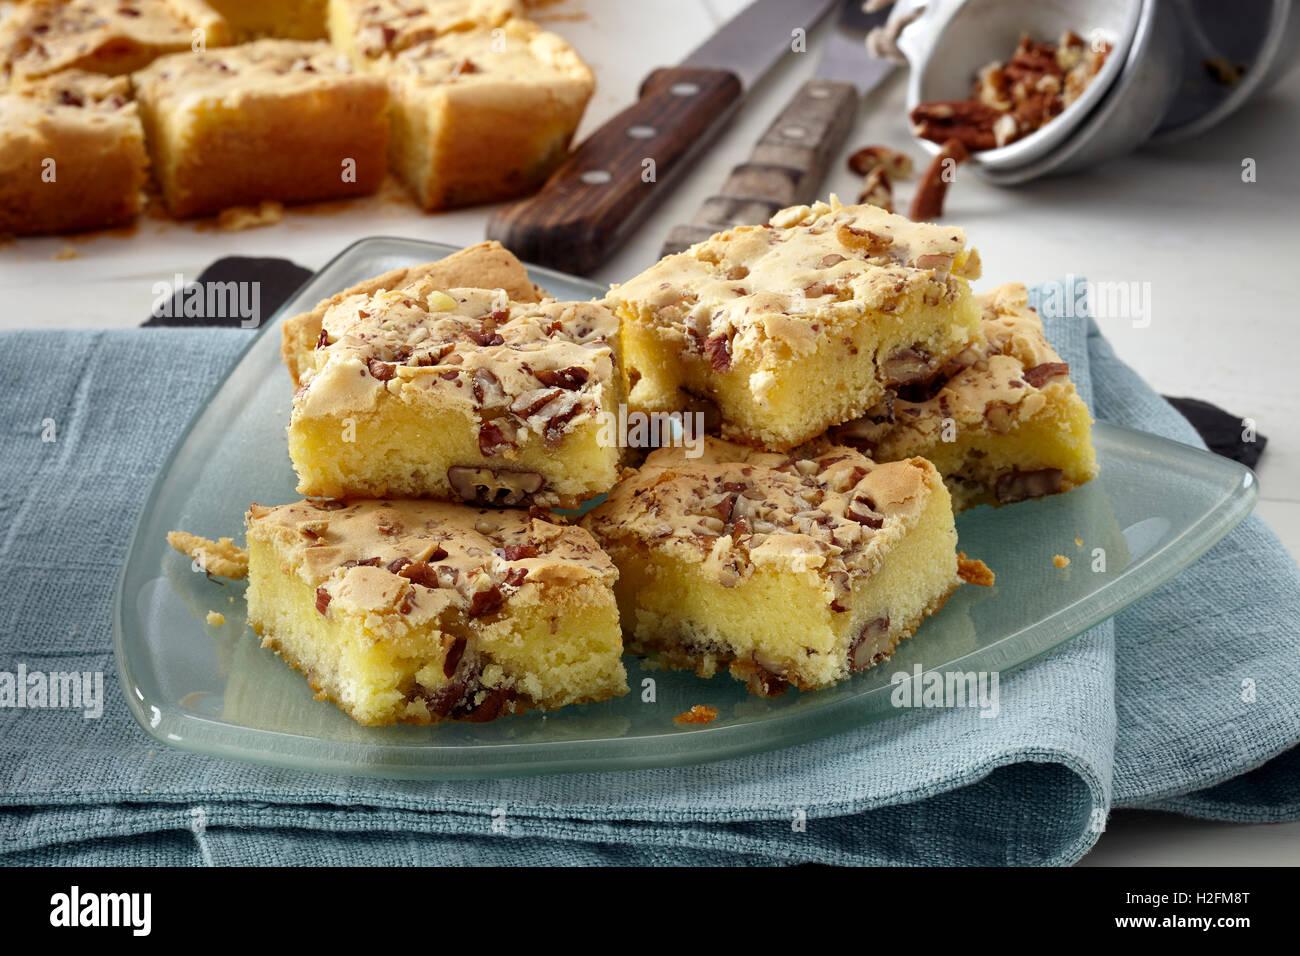 Blondiesblondies American home baking - Stock Image